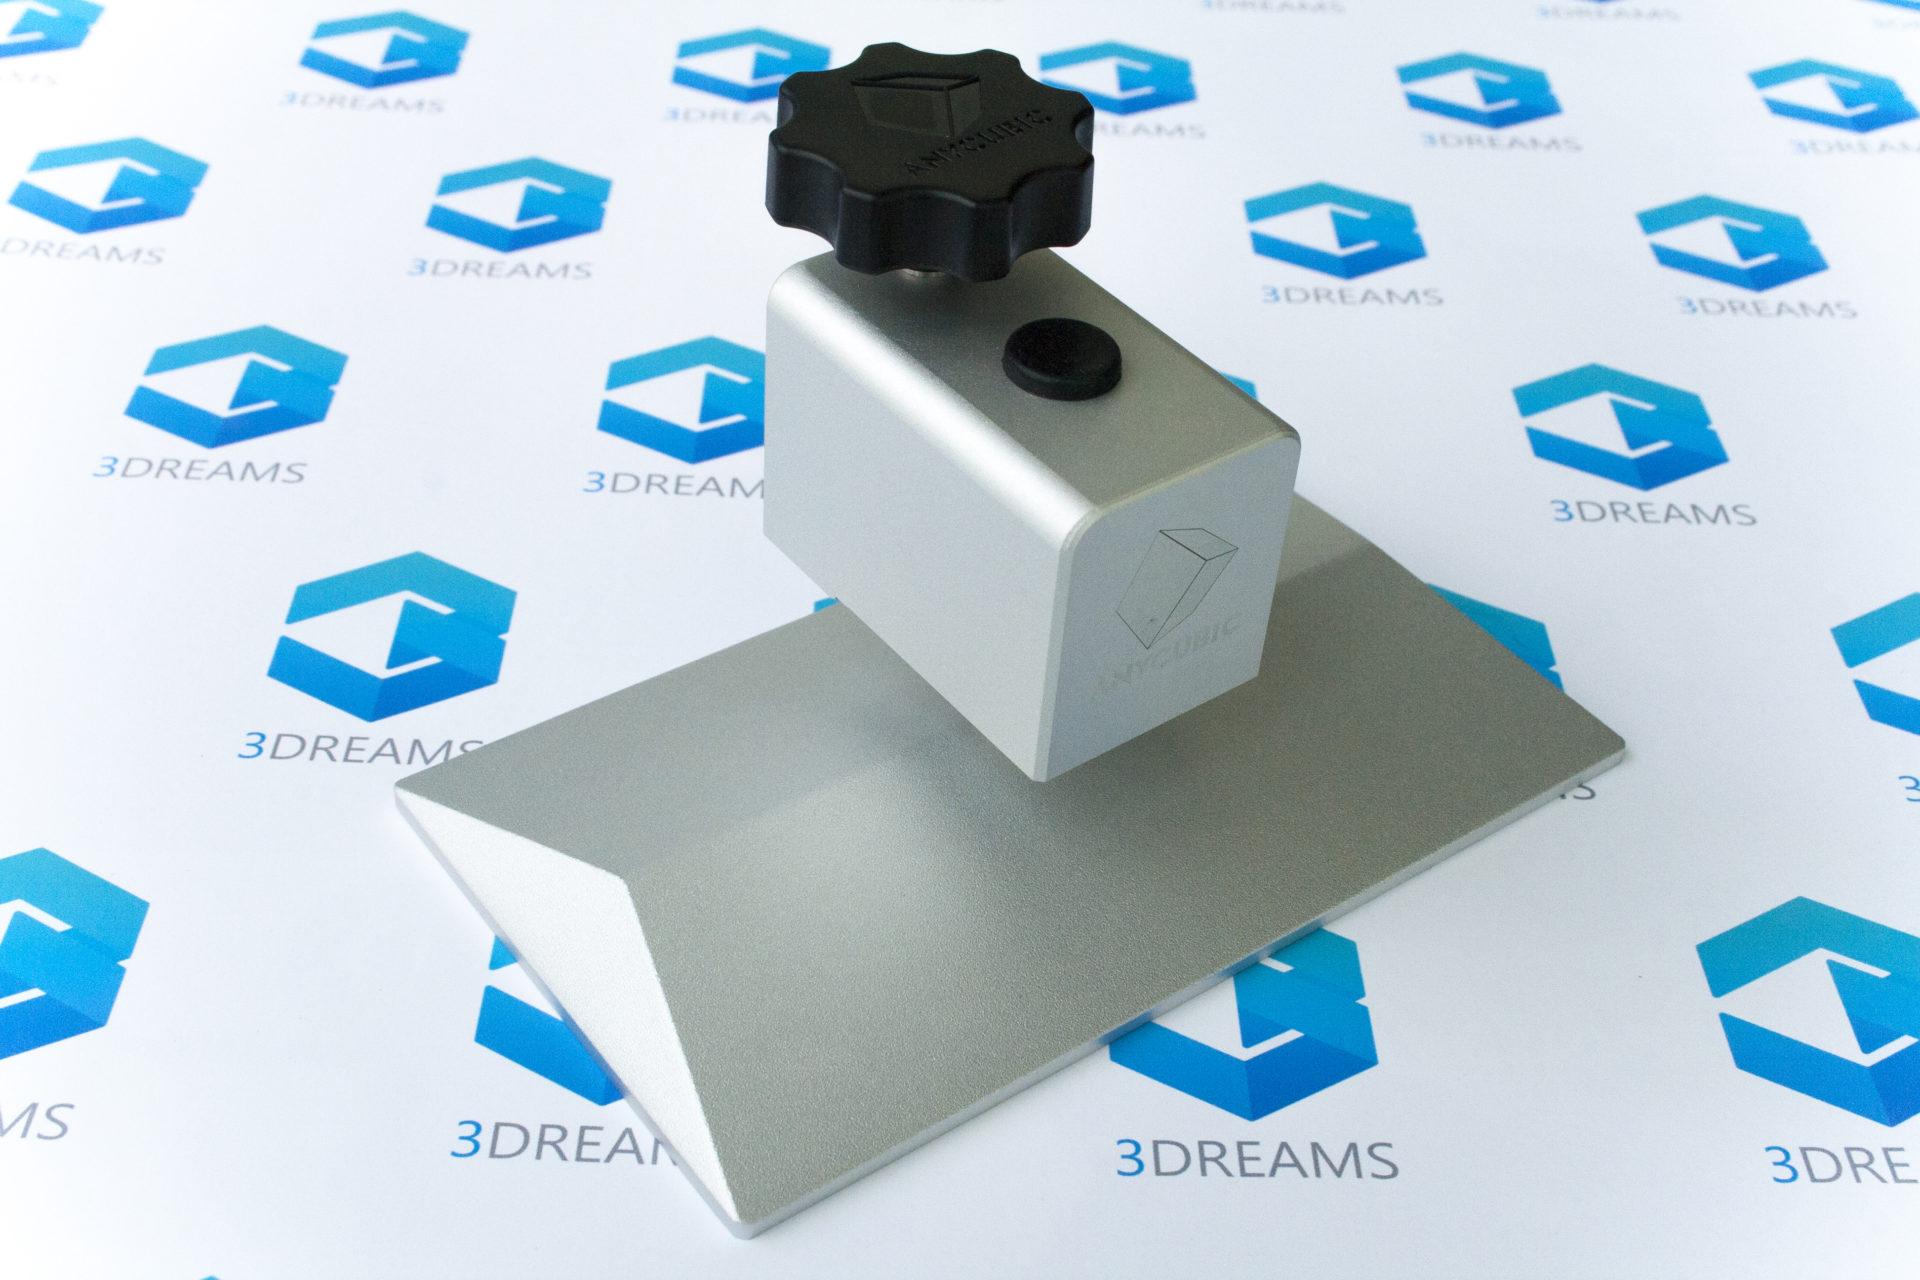 Платформа для печати для 3D принтера Anycubic Photon Mono SE купить украина 1